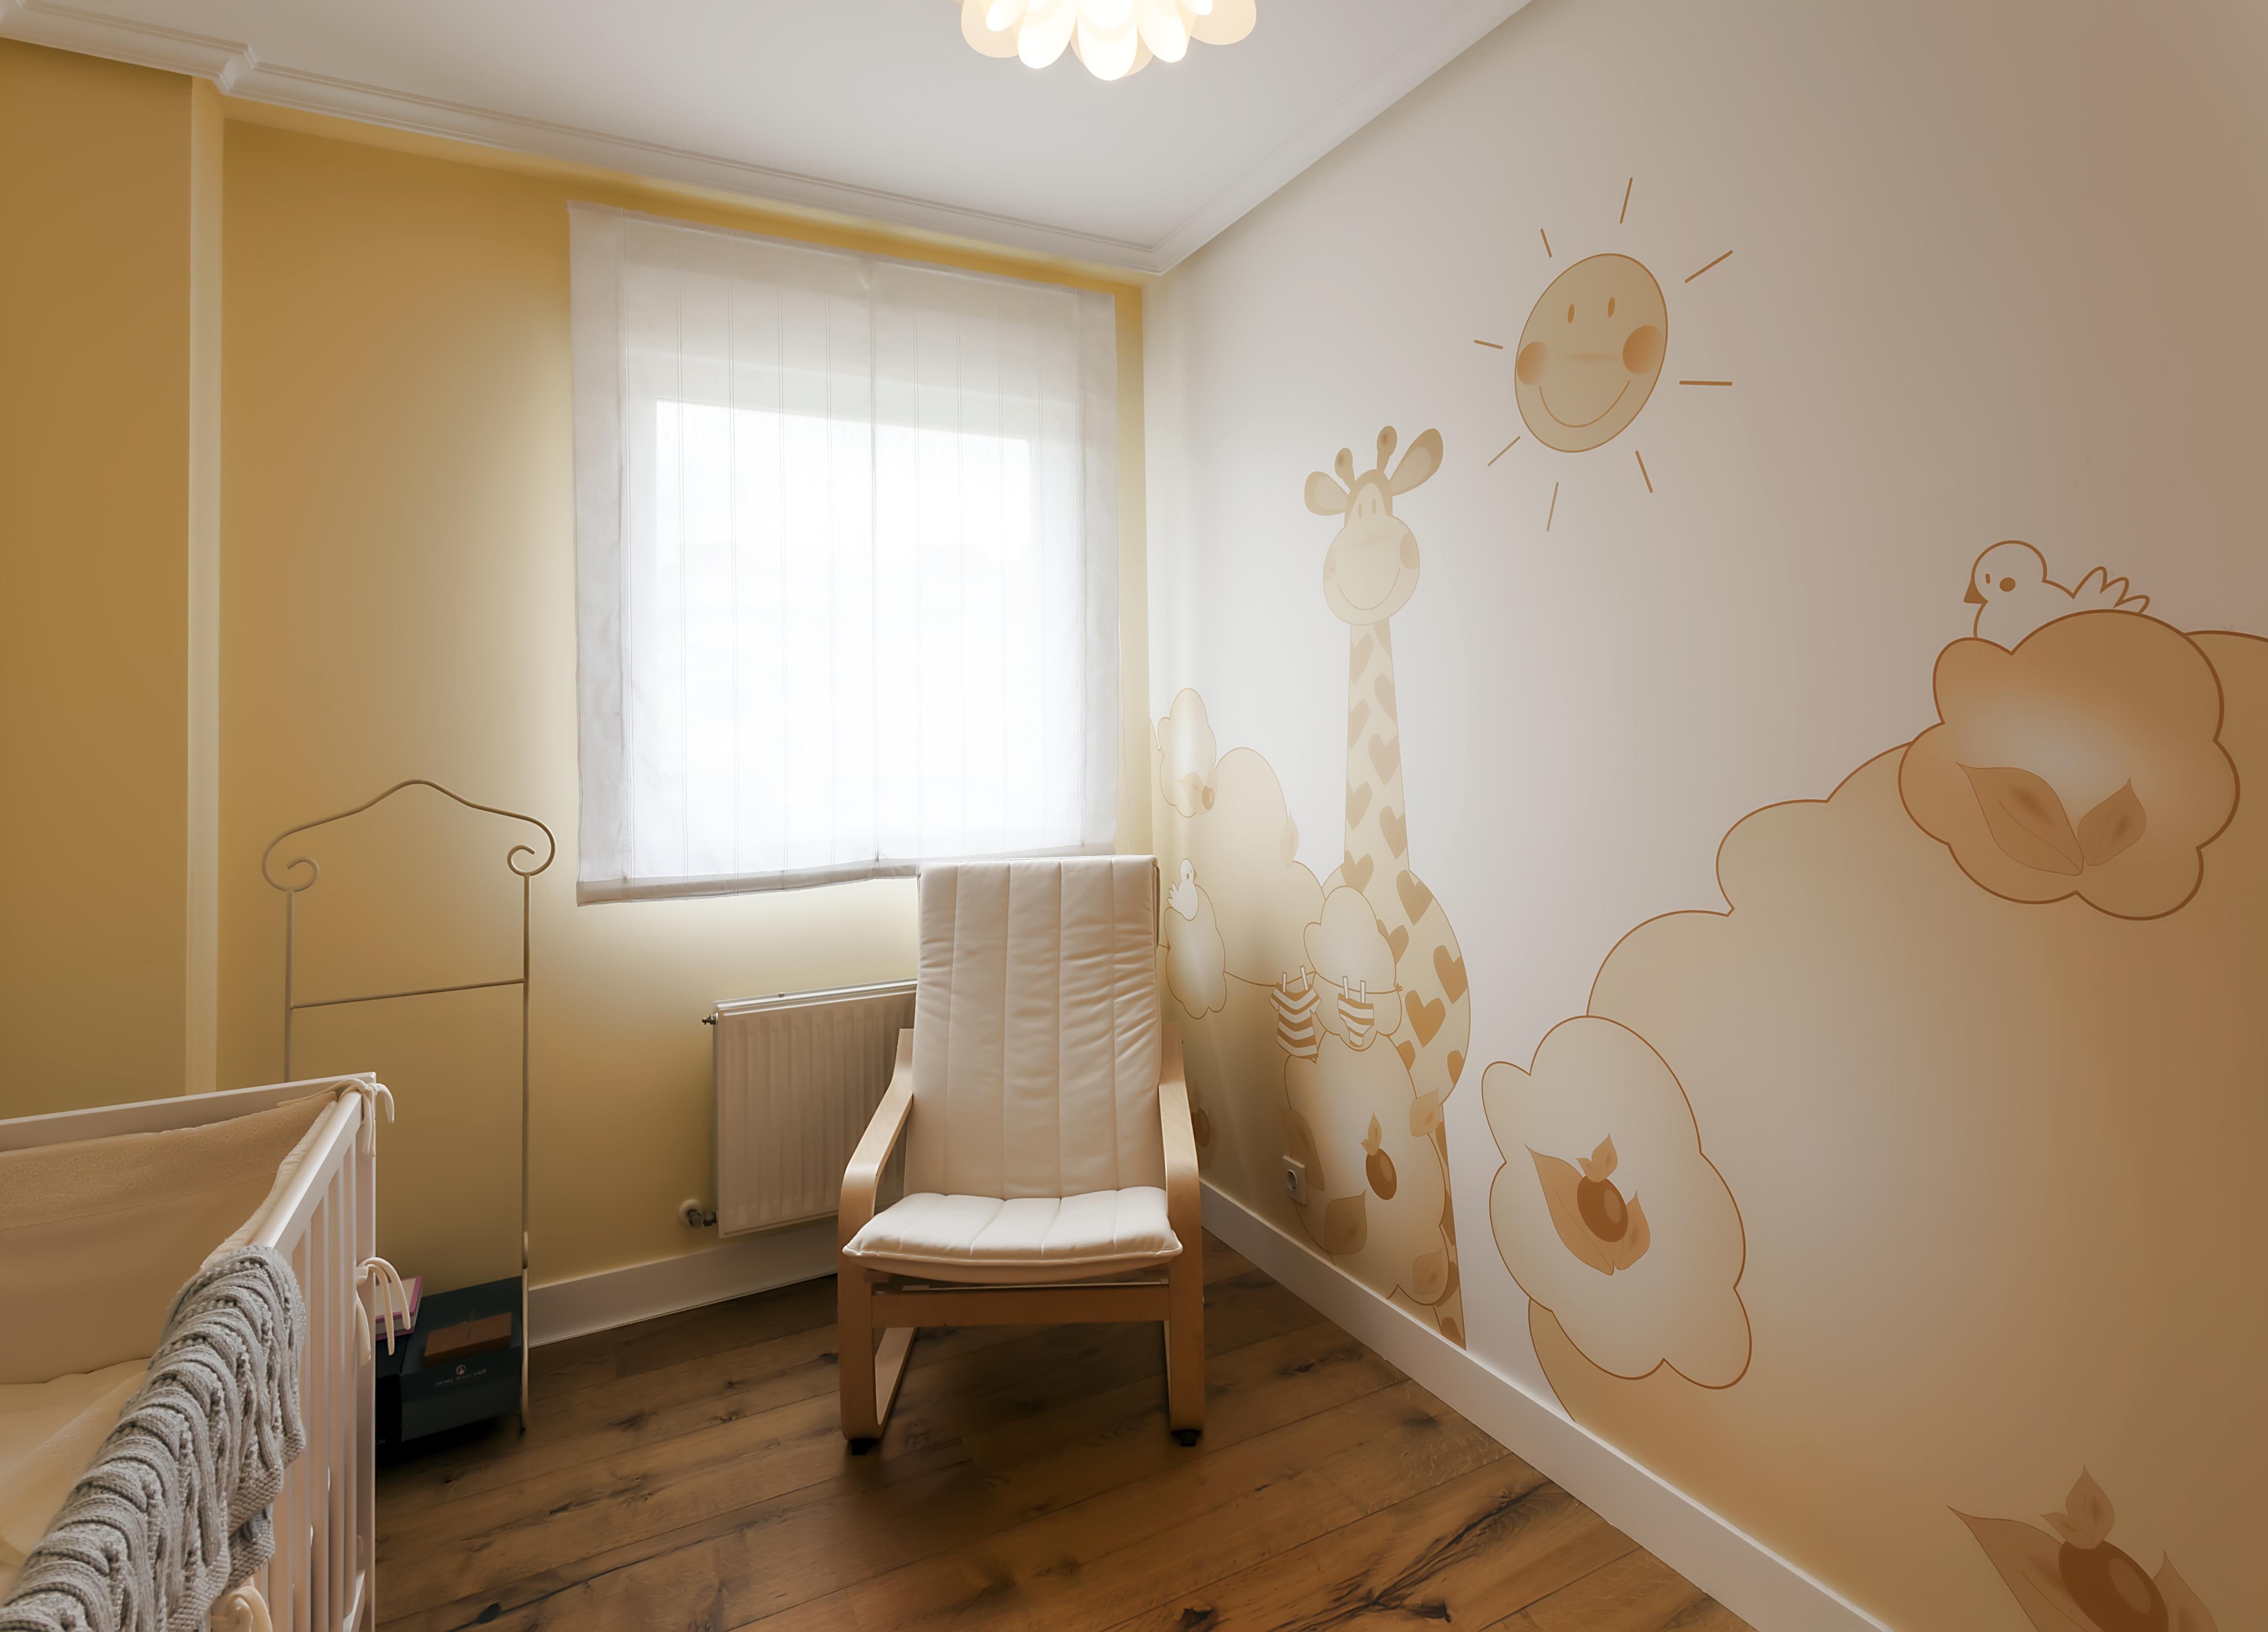 Dise o de espacios singulares reformas y decoraci n en for Diseno decoracion espacios